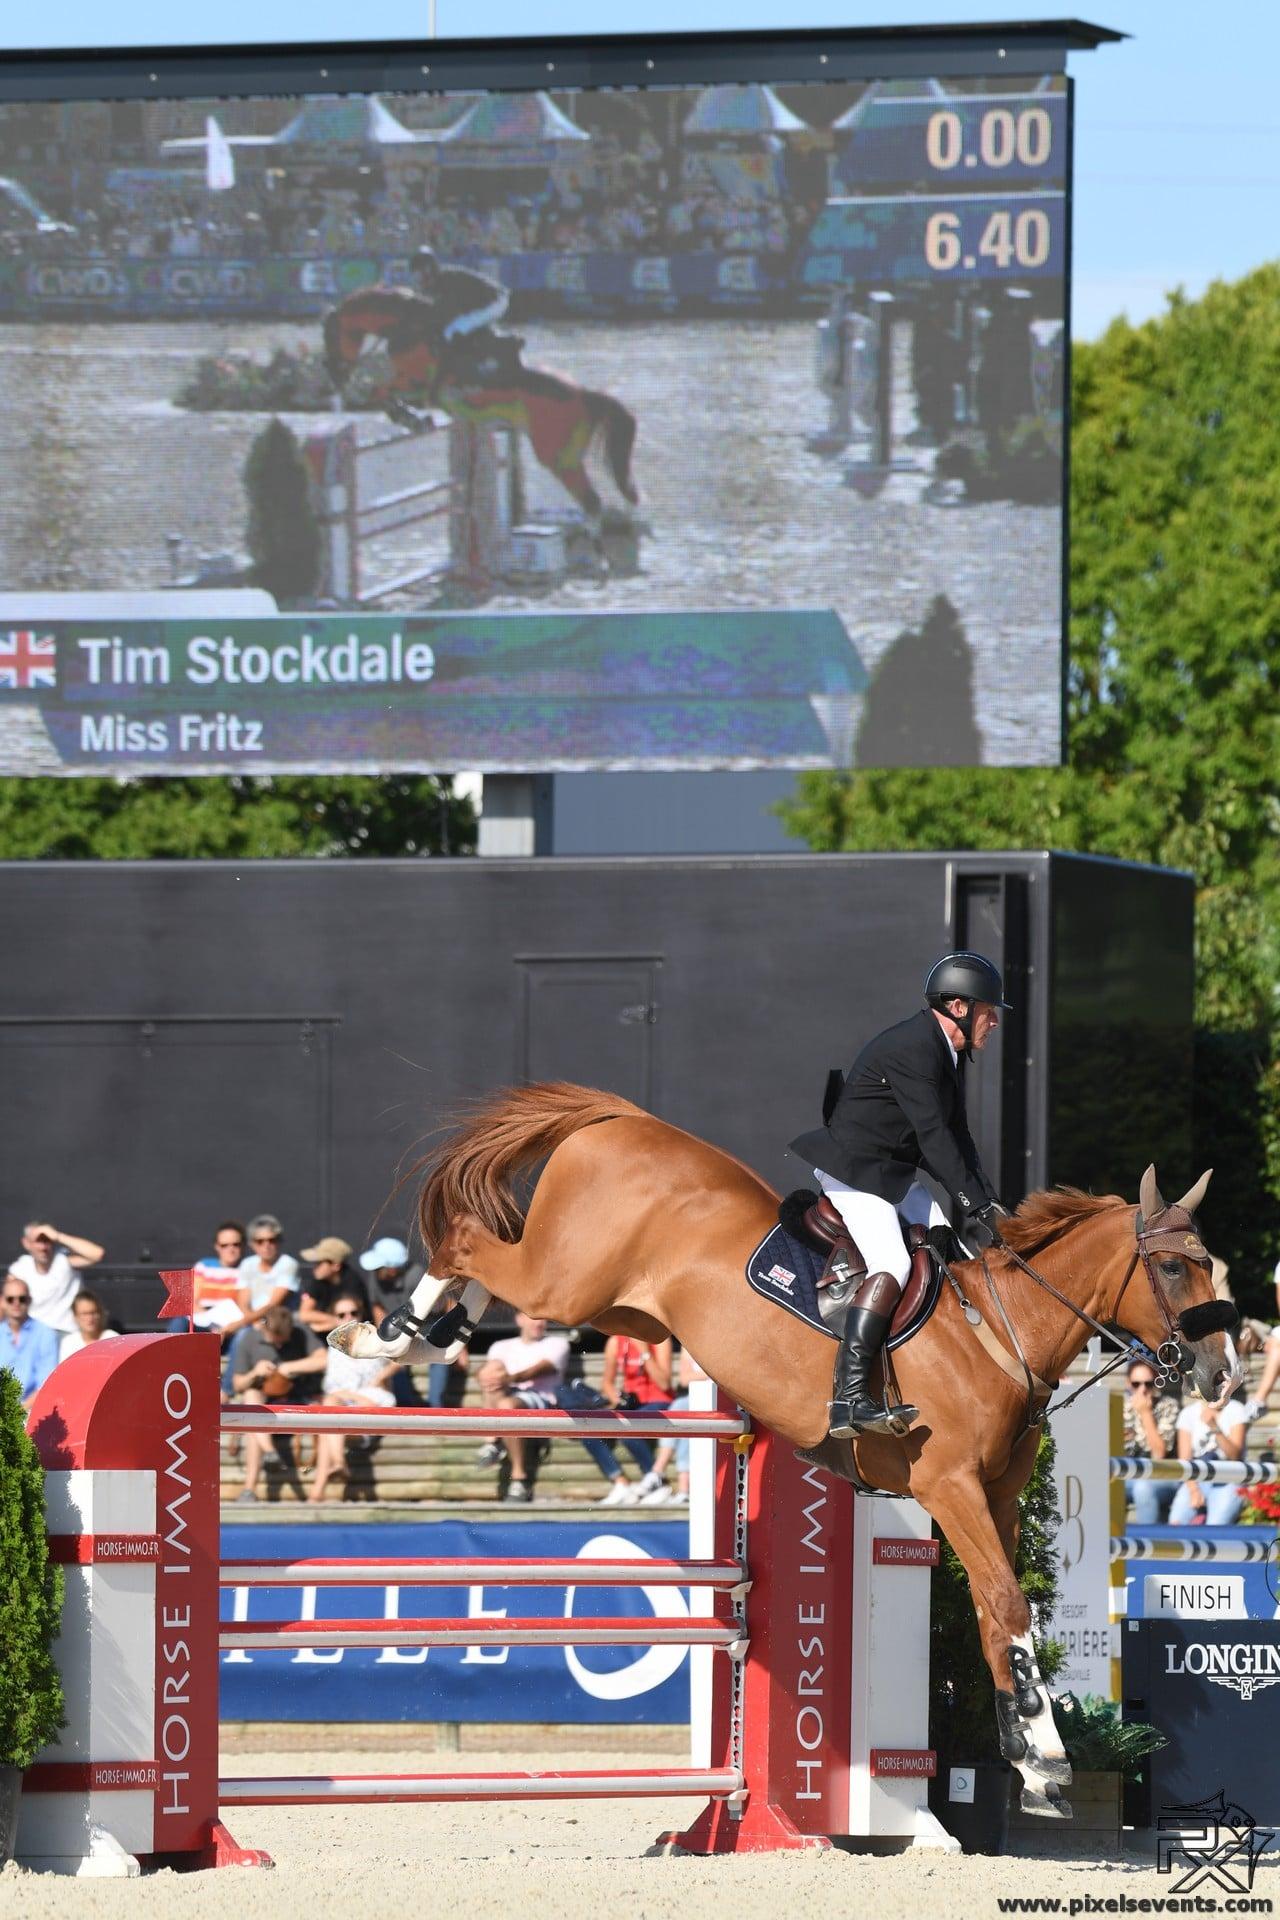 Le britannique Tim Stockdale